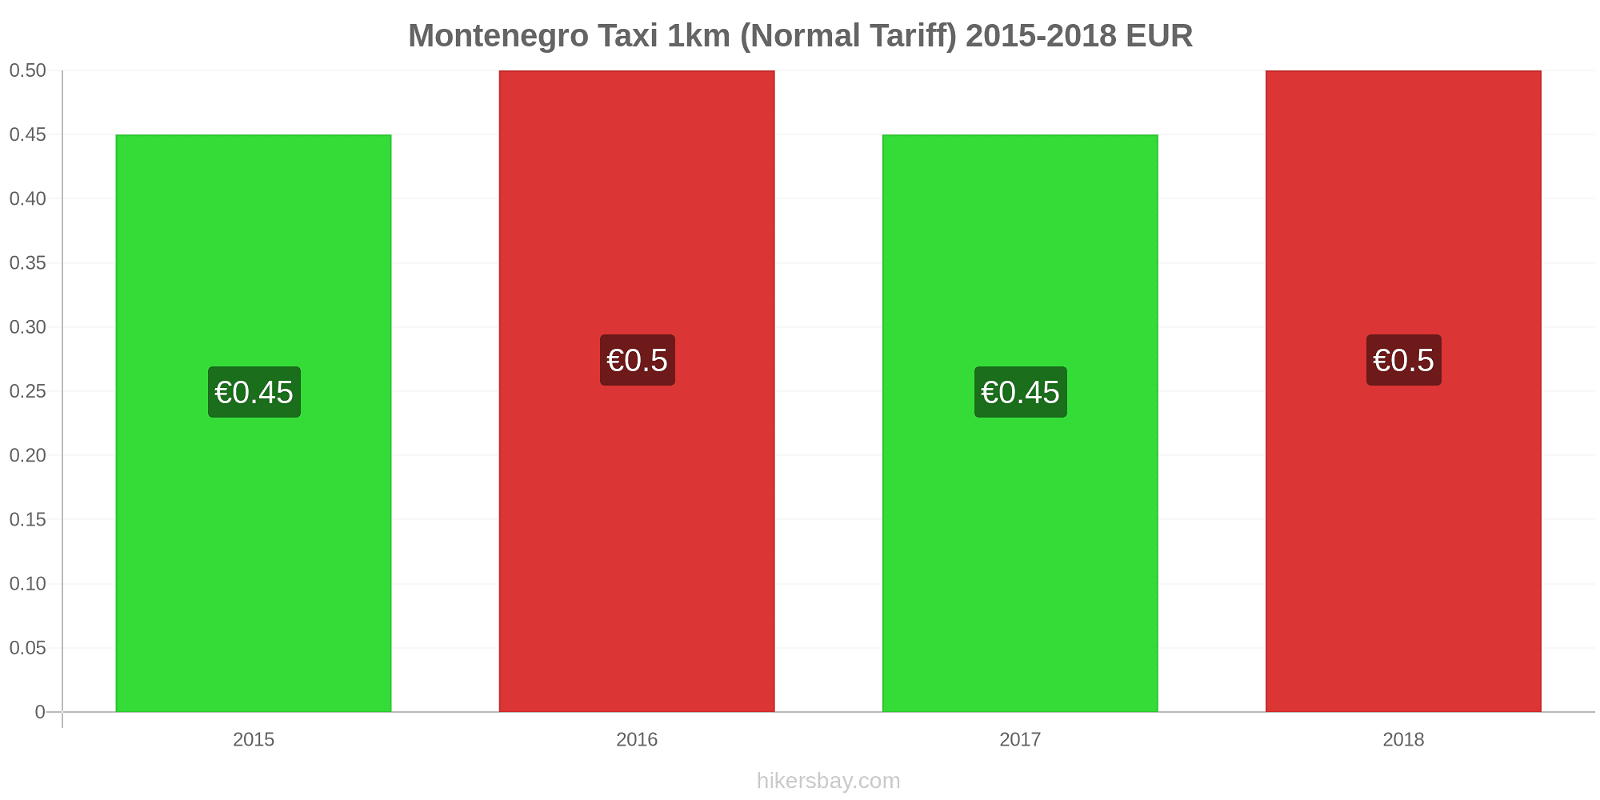 Montenegro price changes Taxi 1km (Normal Tariff) hikersbay.com